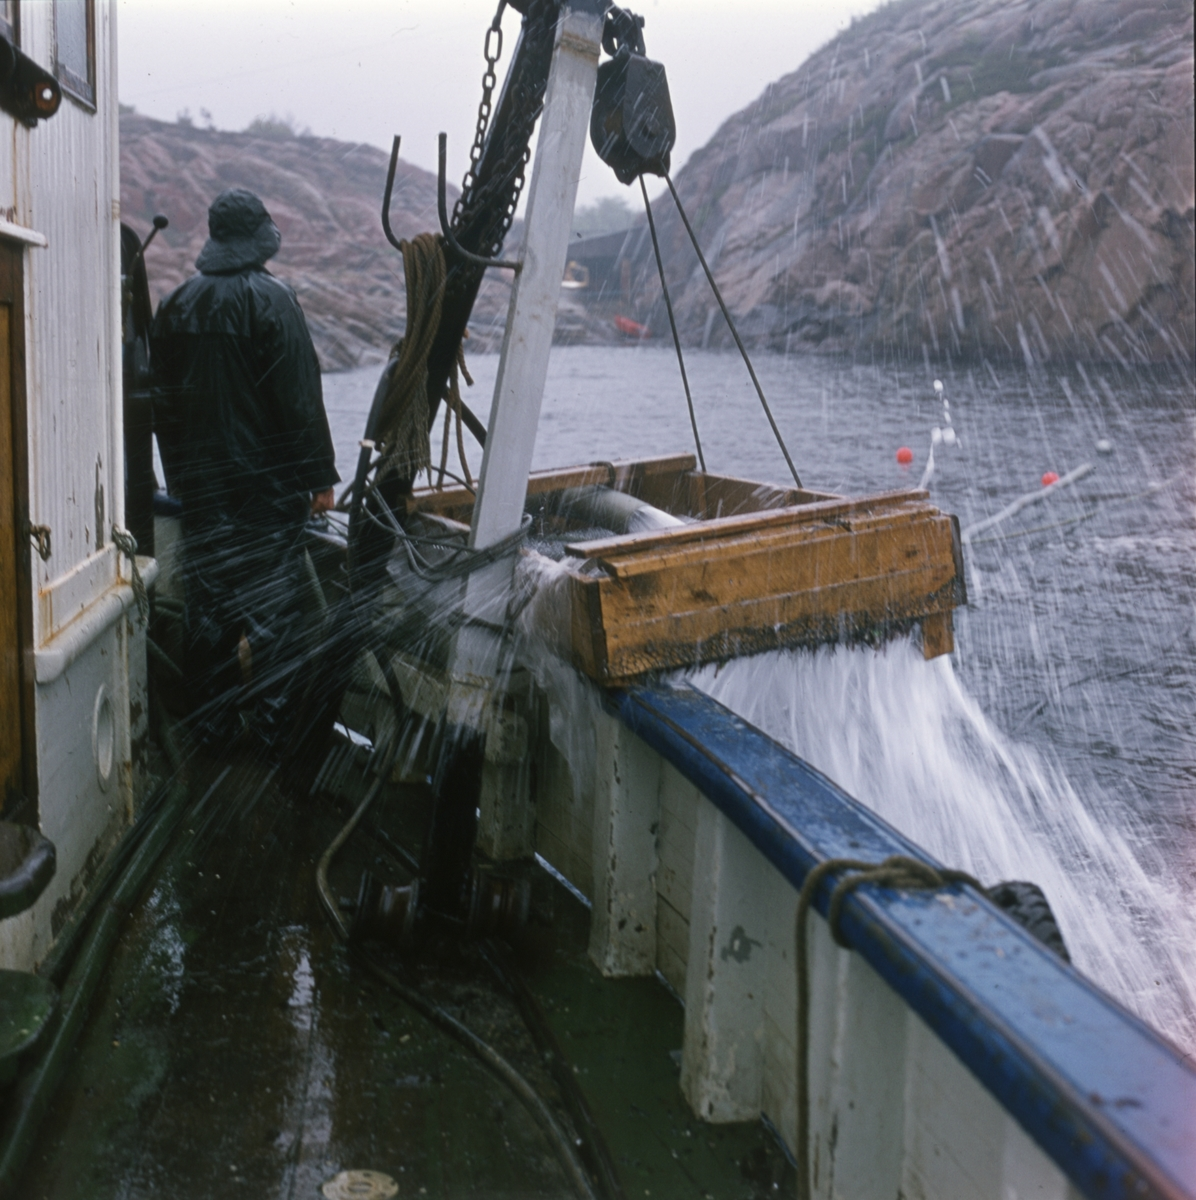 En elefanttann eller crevell blir tatt ombord i båten utgravingen av slaveskipet 'Fredensborg' i 1975